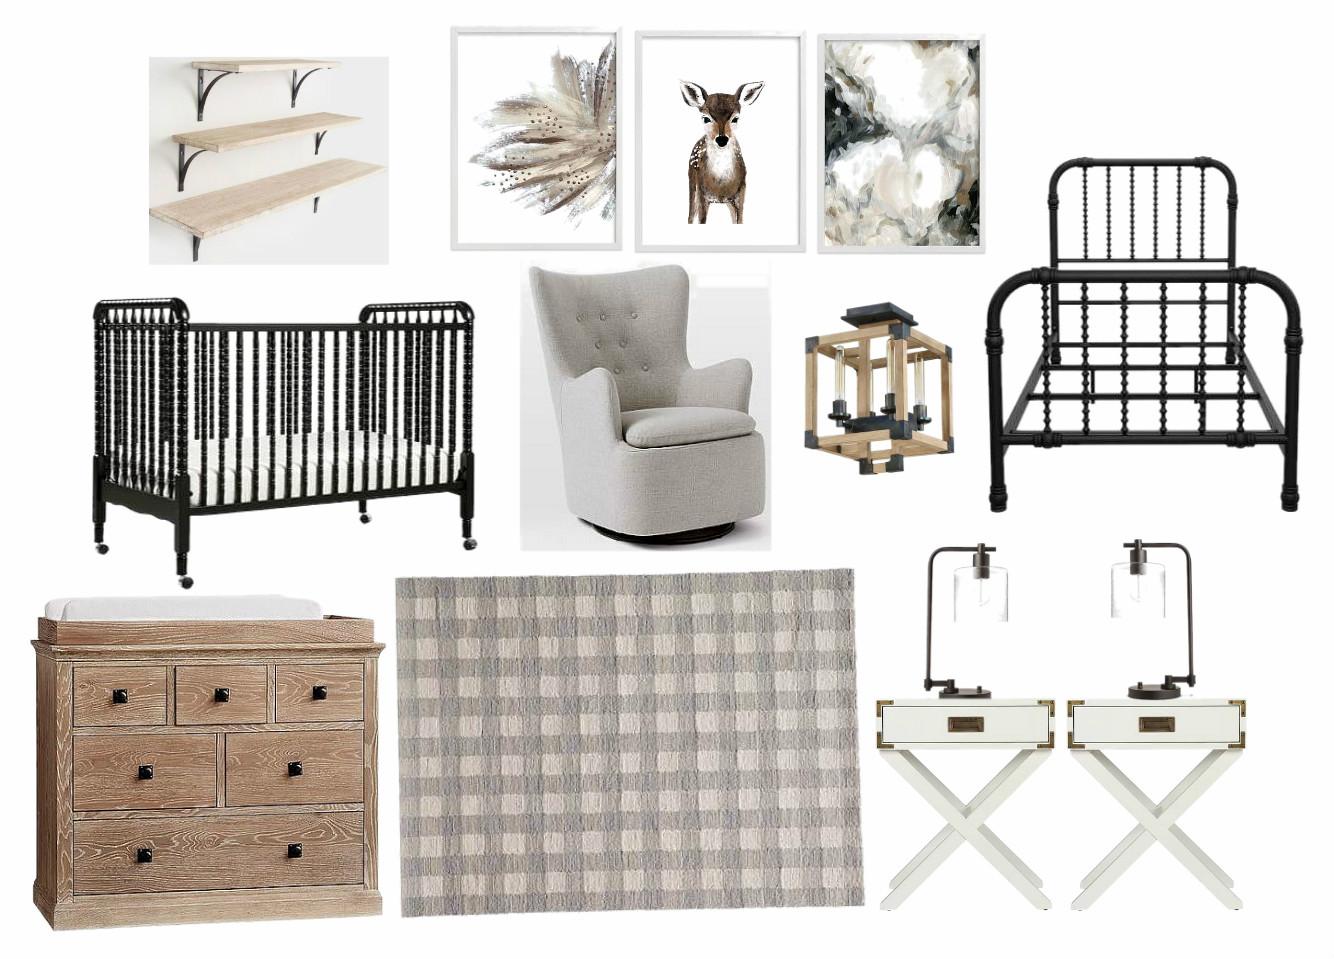 OB-Multi Purpose Room Ideas - nursery  guest room.jpg